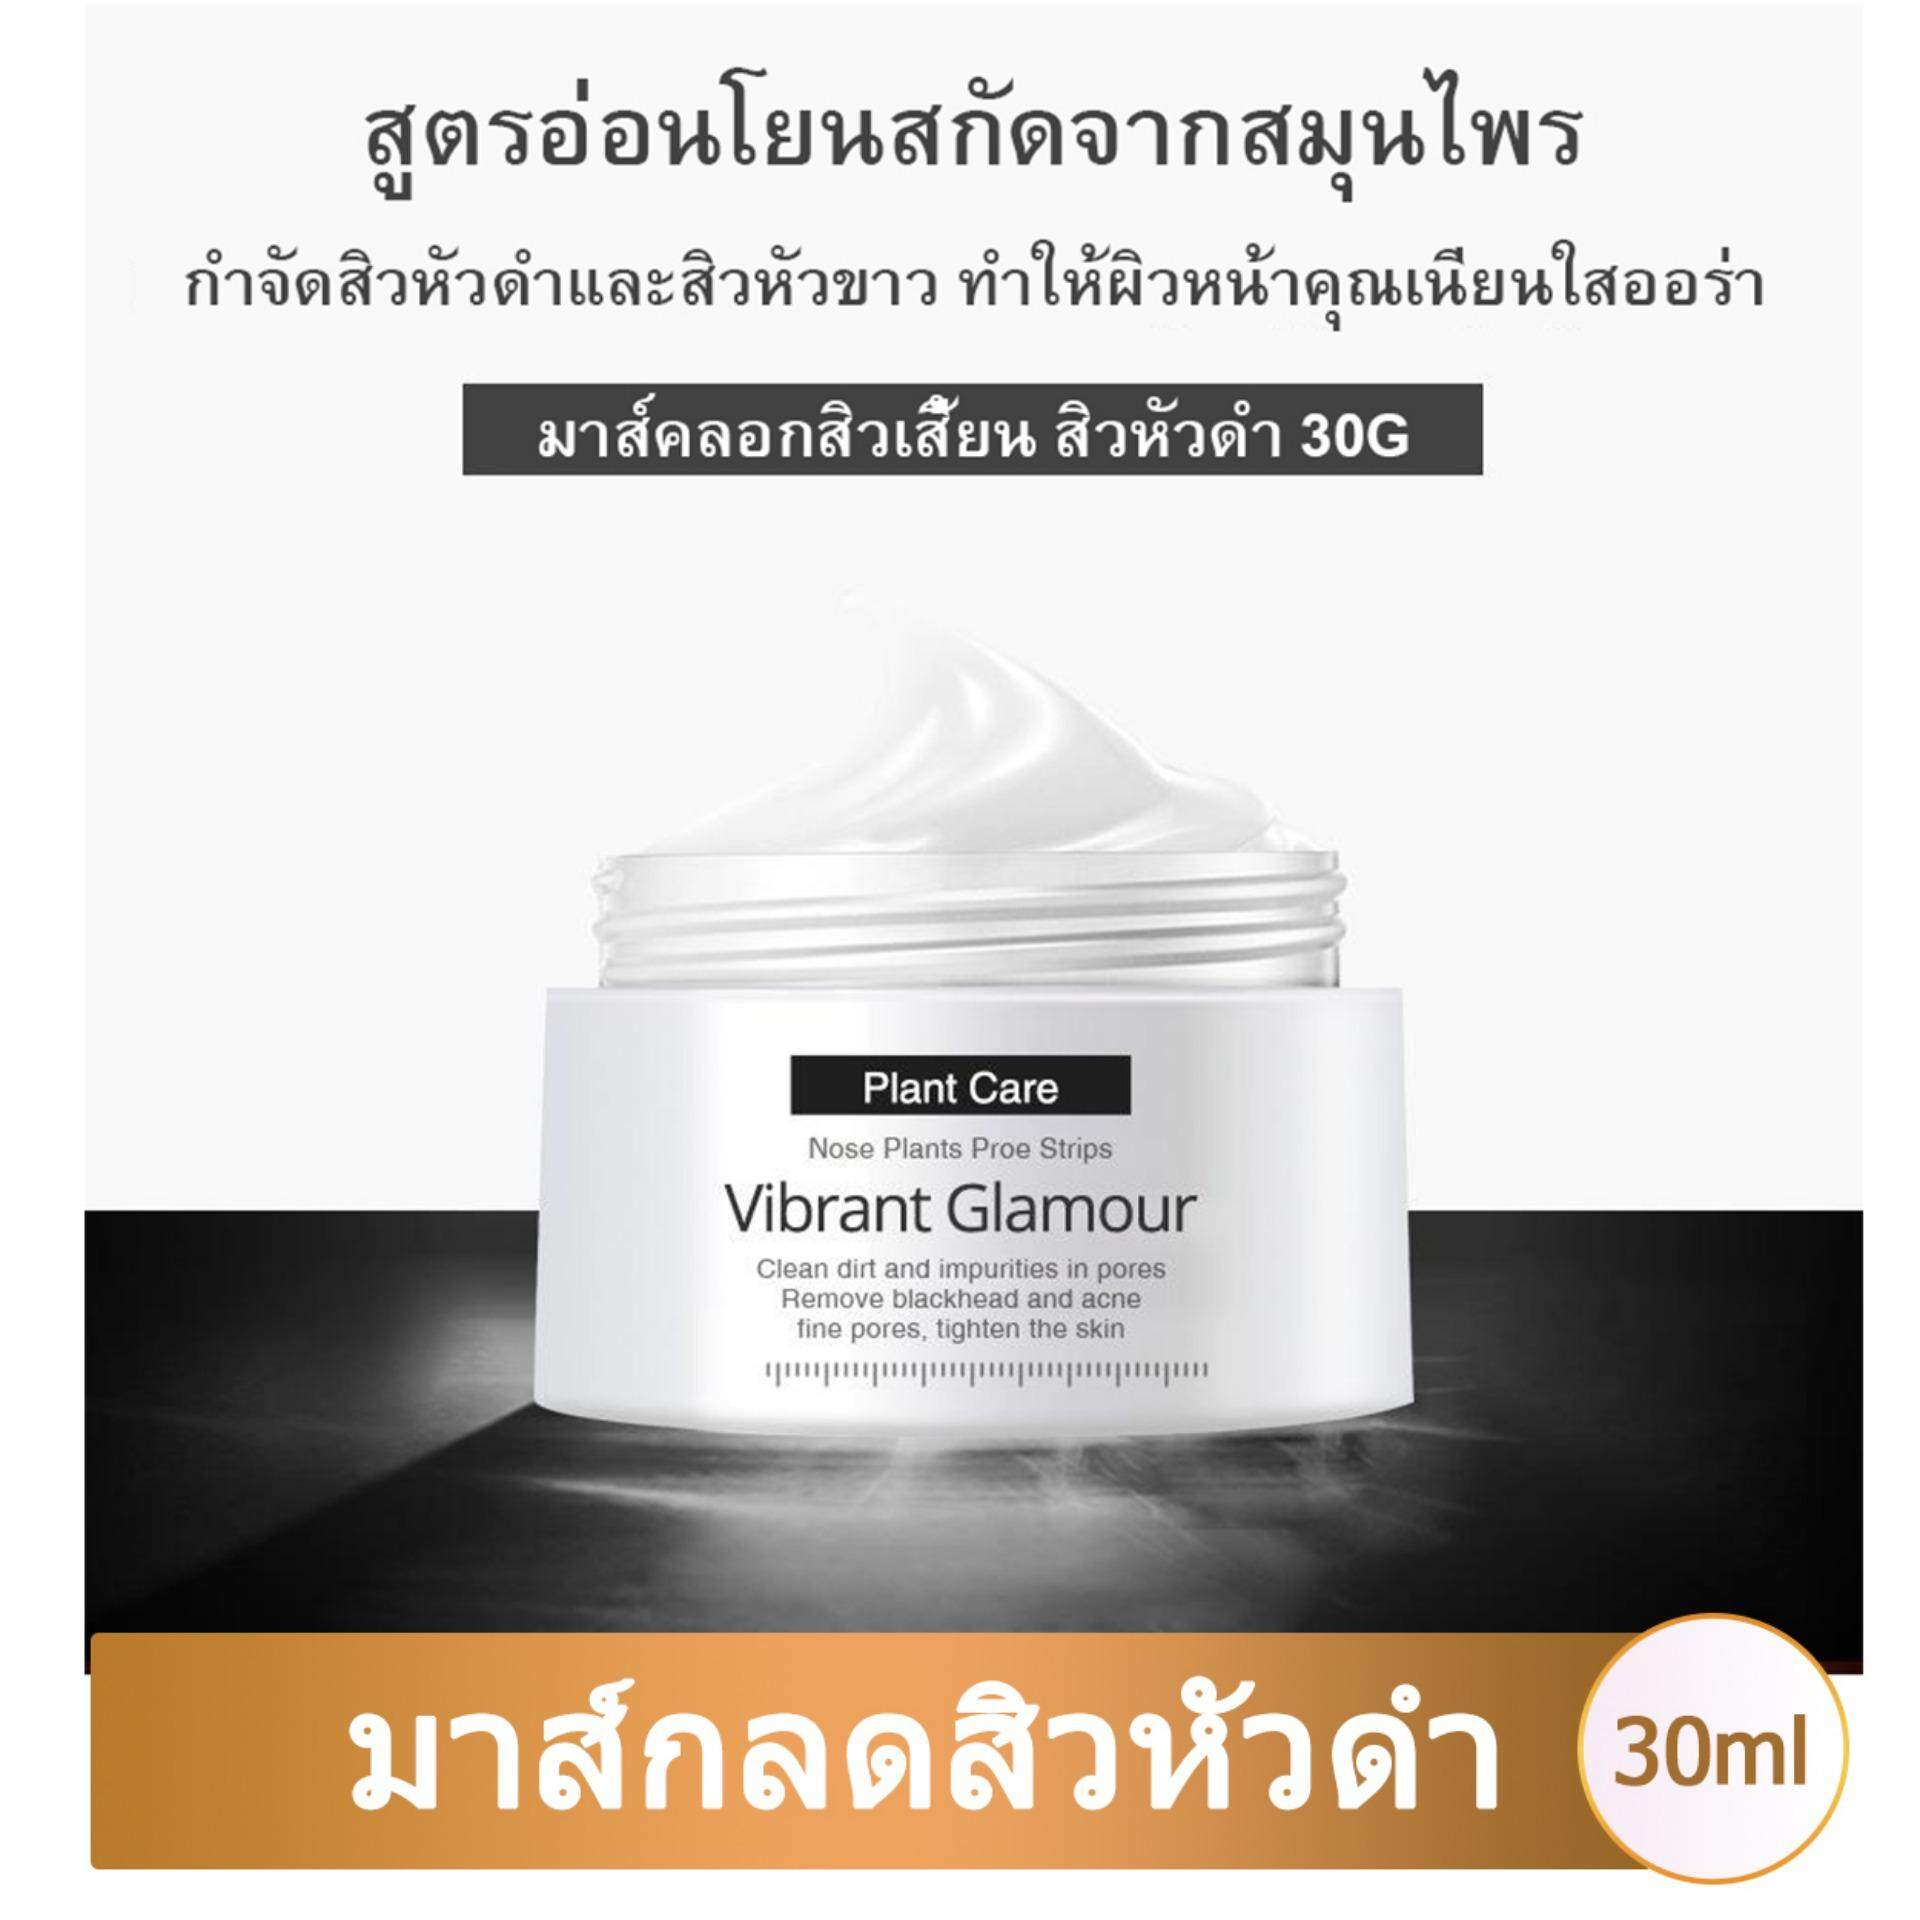 【ซื้อ 1 แถม 1】VG สิวหัวดำ มาส์กลอกสิวเสี้ยน โคลนมาร์คหน้าลอกสิวเสี้ยนสูตร ลอกออกสิวหัวดำ กระชับรูขุมขน Blackhead Remover Deep Cleansing Nose Skin Moisturizing Acne White Face Mask